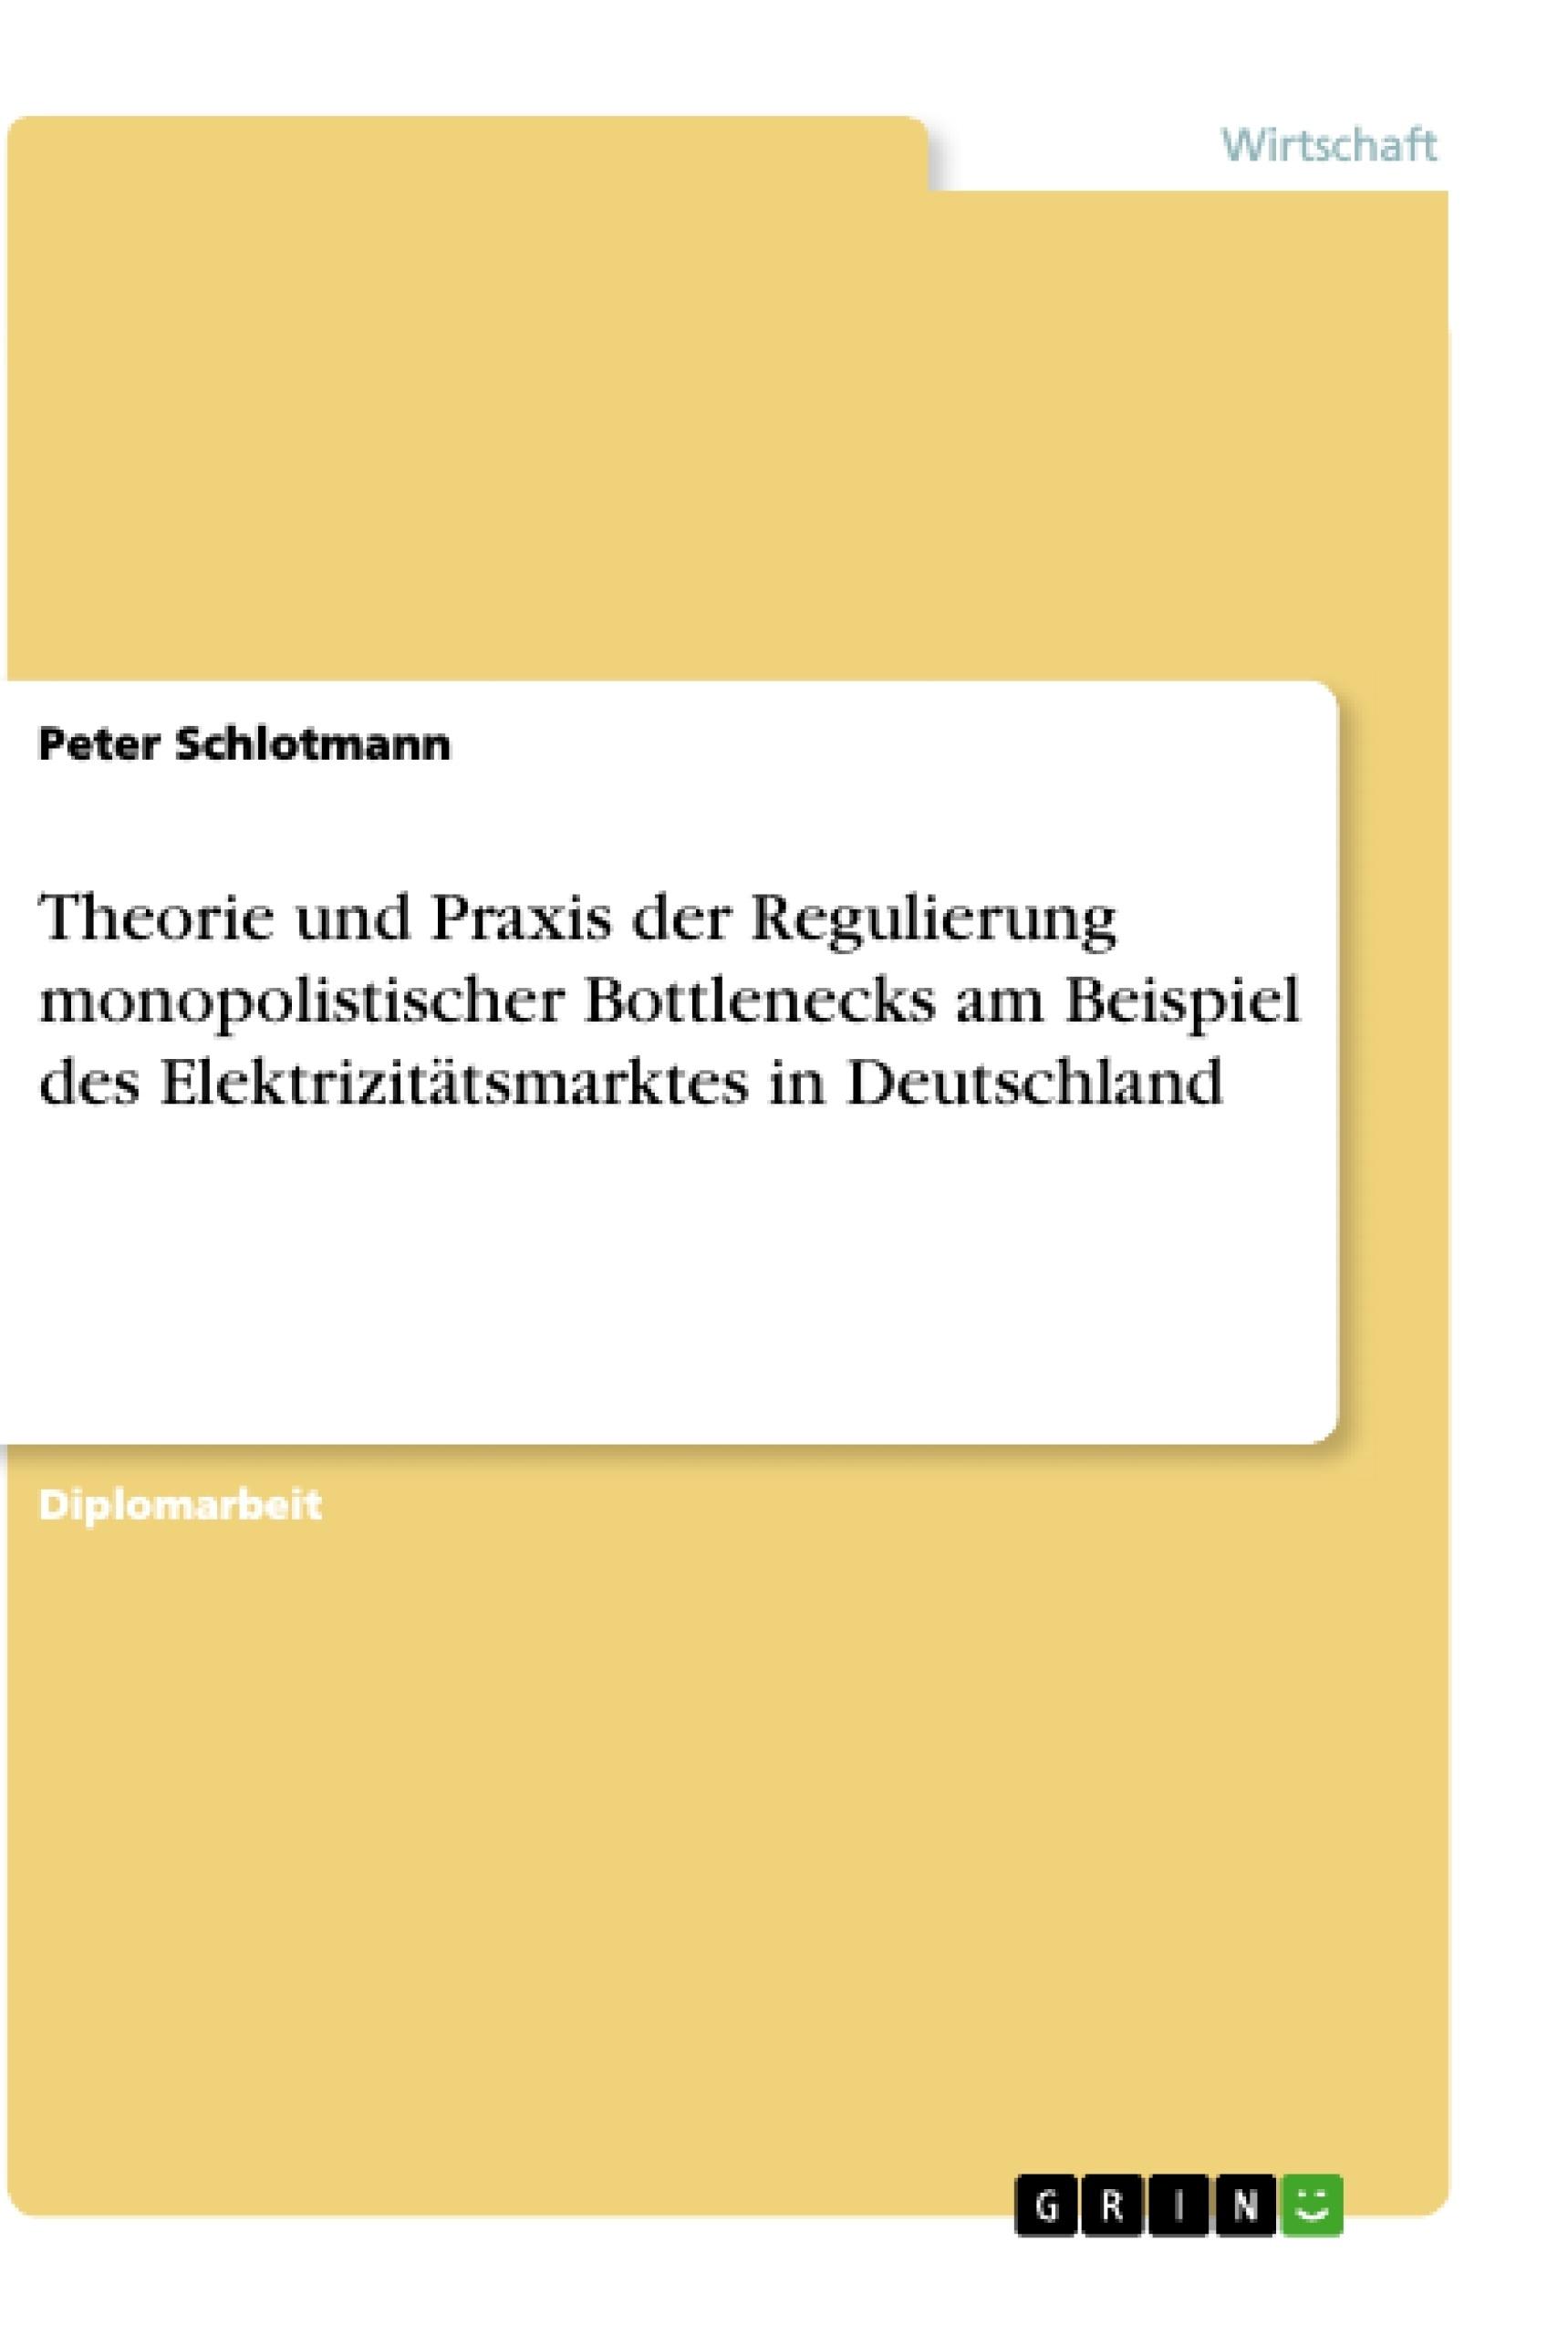 Titel: Theorie und Praxis der Regulierung monopolistischer Bottlenecks am Beispiel des Elektrizitätsmarktes in Deutschland